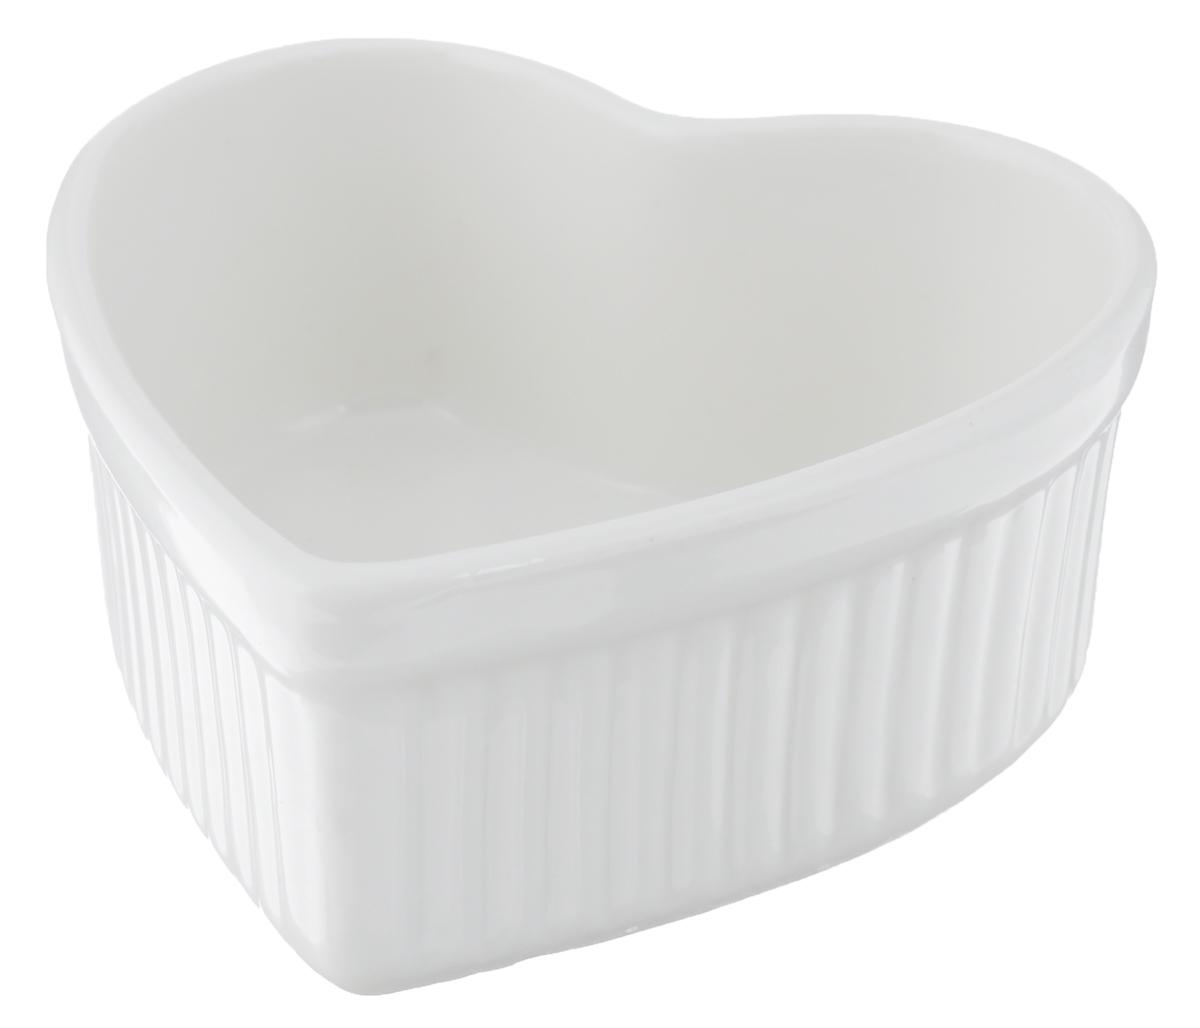 Горшок для запекания Walmer Heart, цвет: белый, 9 х 10 смW10310009Горшок для запекания Walmer Heart изготовлен из высококачественного фарфора и оформлен в форме сердца. Изделие подходит для запекания различных блюд и может быть использовано для подачи на стол. Такое изделие станет отличным дополнением к вашему кухонному инвентарю, а также украсит сервировку стола и подчеркнет прекрасный вкус хозяина. Можно использовать в микроволновой печи. Размер изделия : 9 х 10 х 4 см.